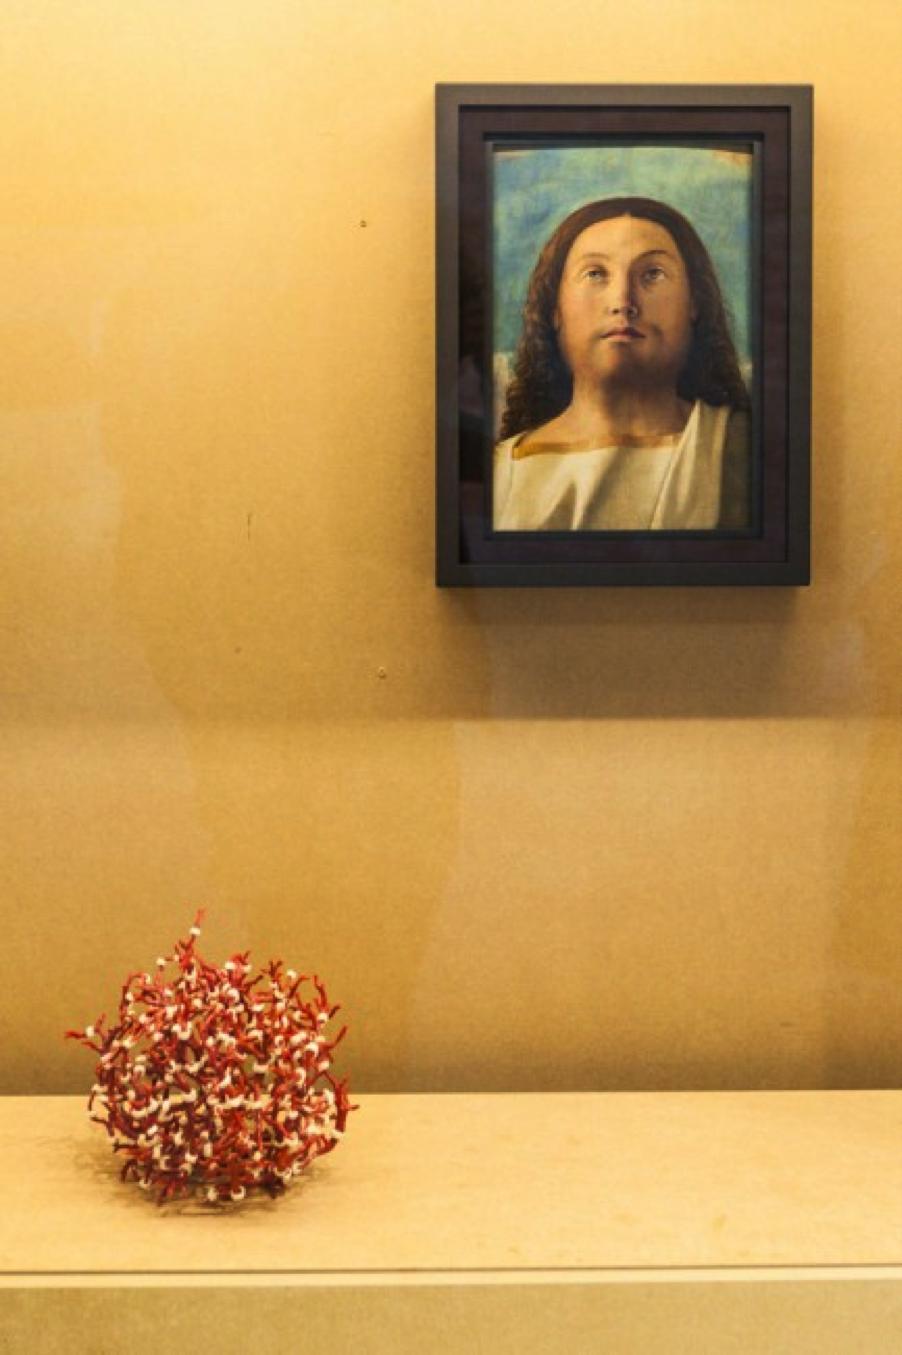 """""""Testa del Redentore"""" de Giovanni Bellini y """"Corail Costa Brava"""" de Hubert Duprat. Vista de la exposición """"Slip of the tongue"""", curada por Danh Vo y Caroline Bourgeois a Punta de la Dogana, Venecia en 2015"""